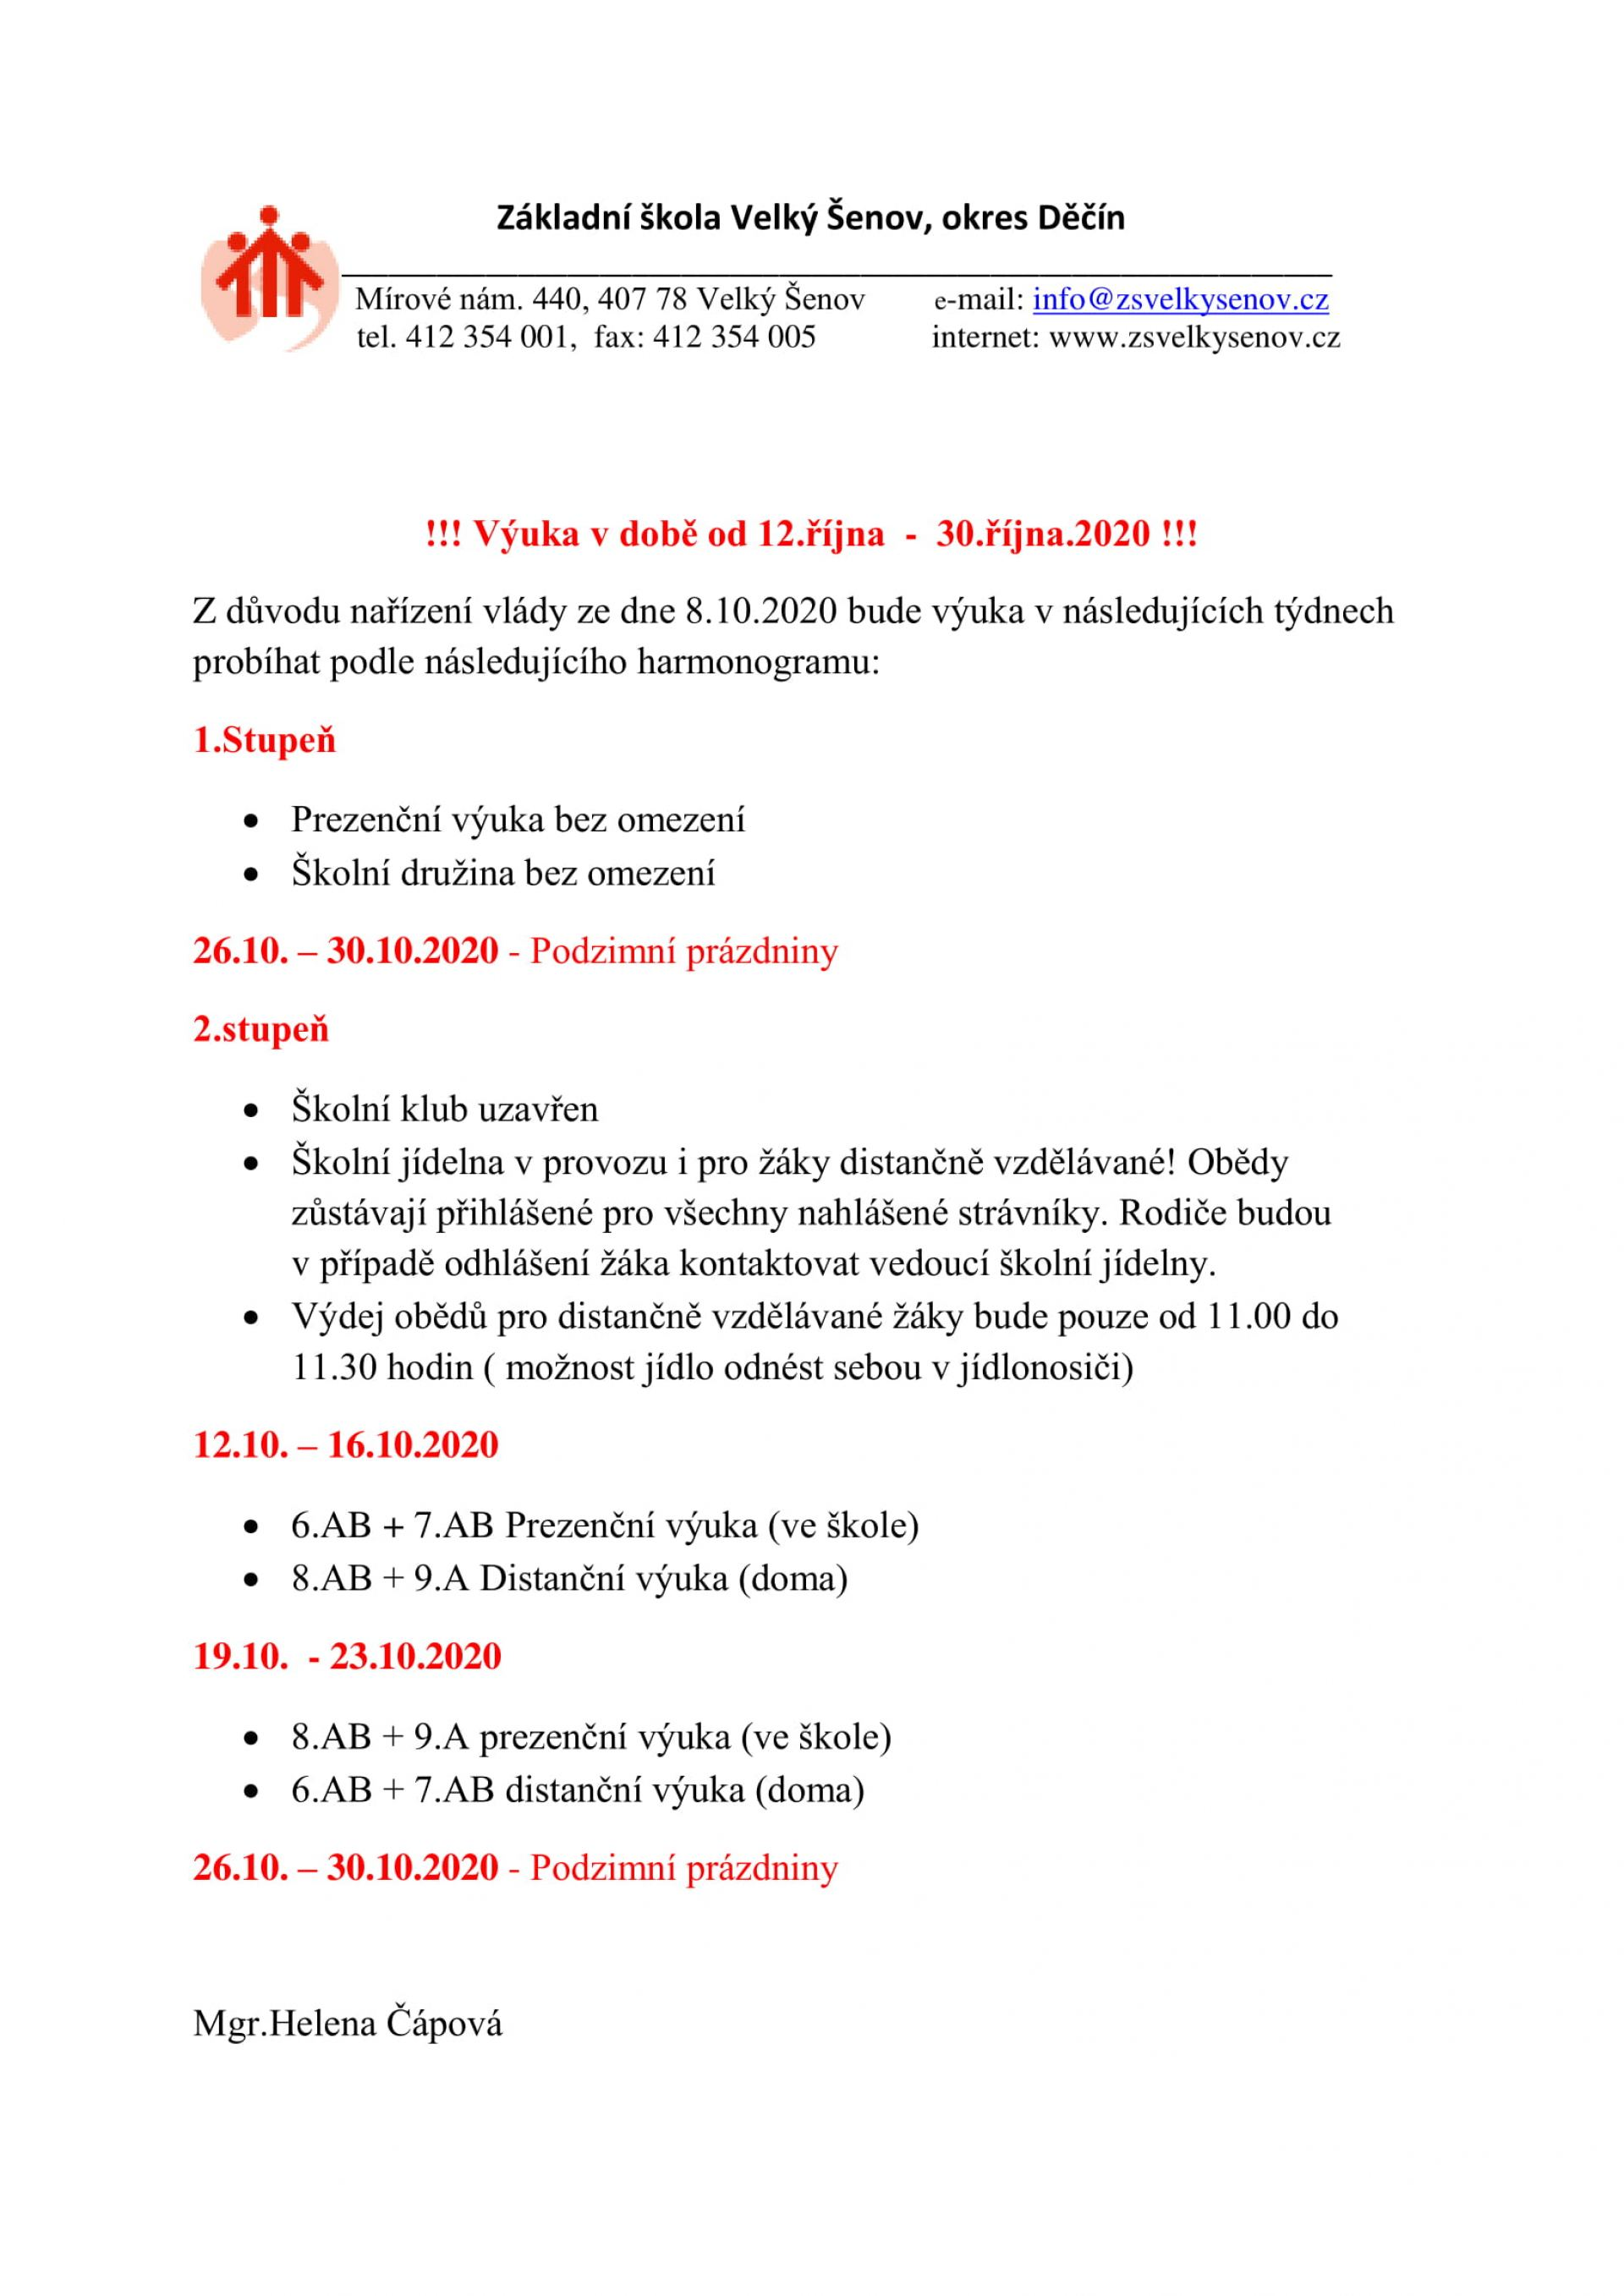 Informace k výuce od 12.10. - 30.10.2020